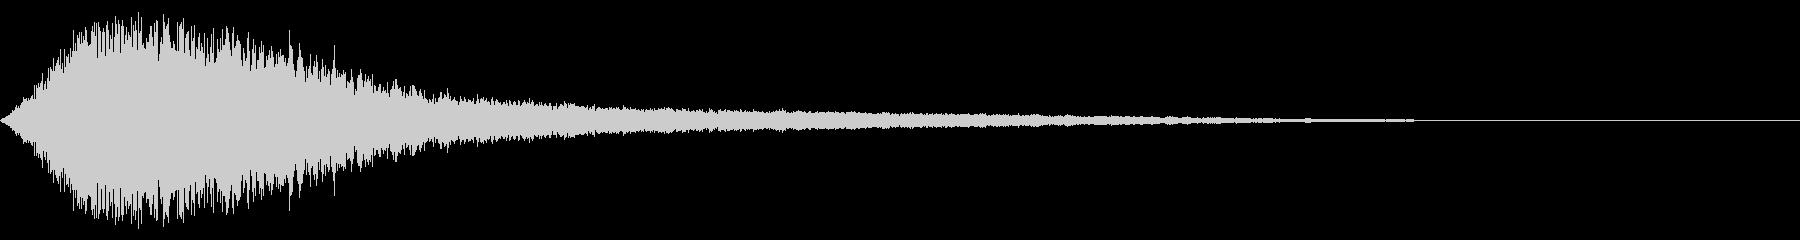 シャキーン キラーン☆強烈な輝き!12bの未再生の波形